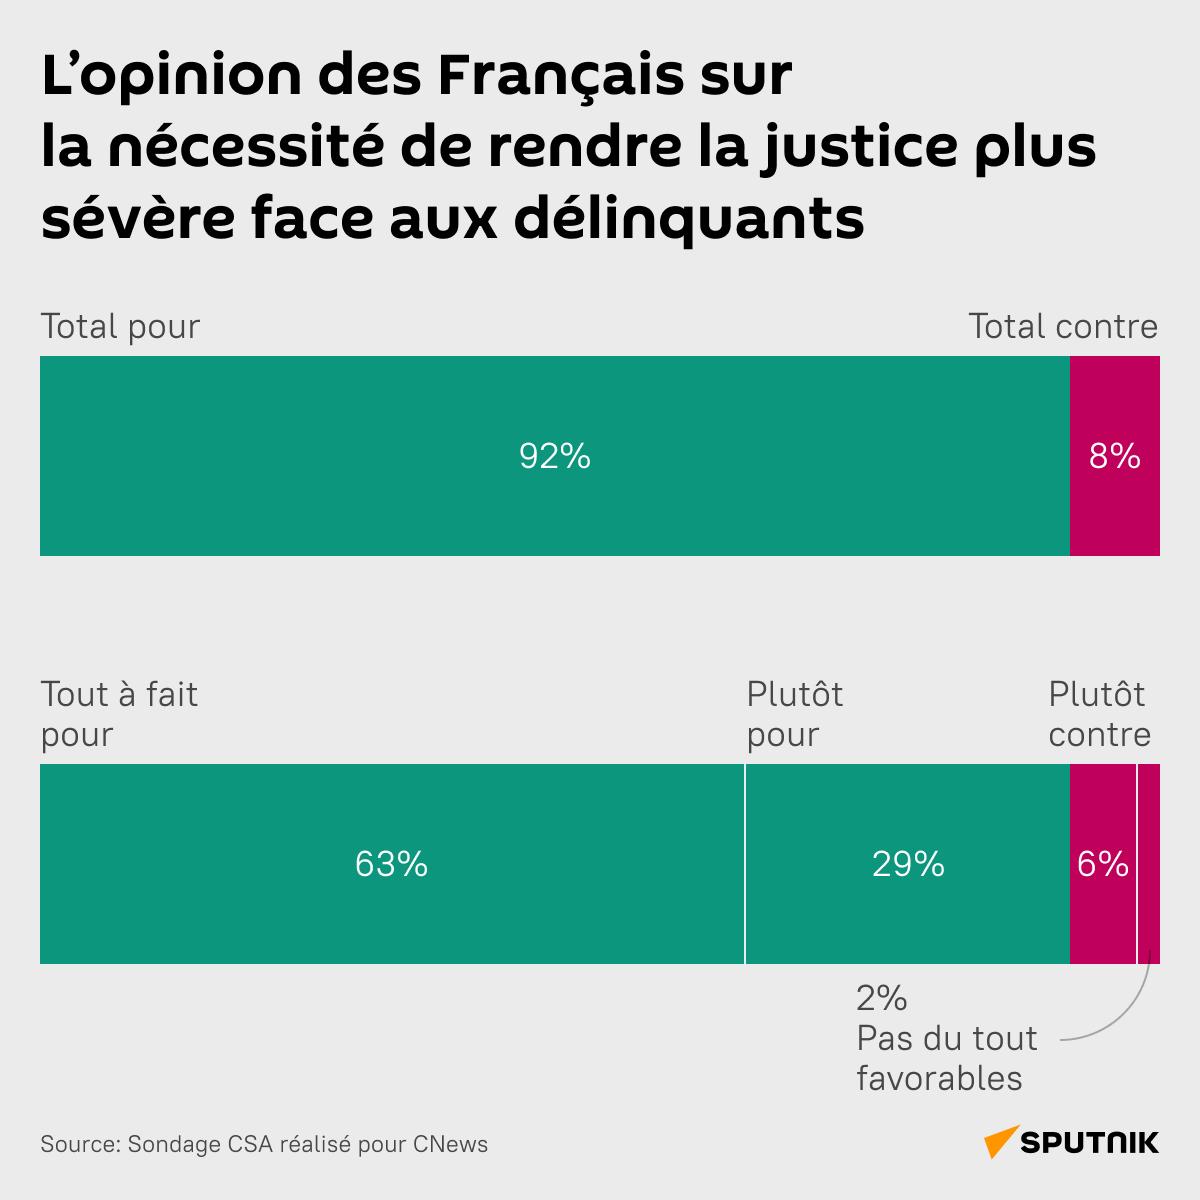 L'opinion des Français sur la nécessité de rendre la justice plus sévère face aux délinquants - Sputnik France